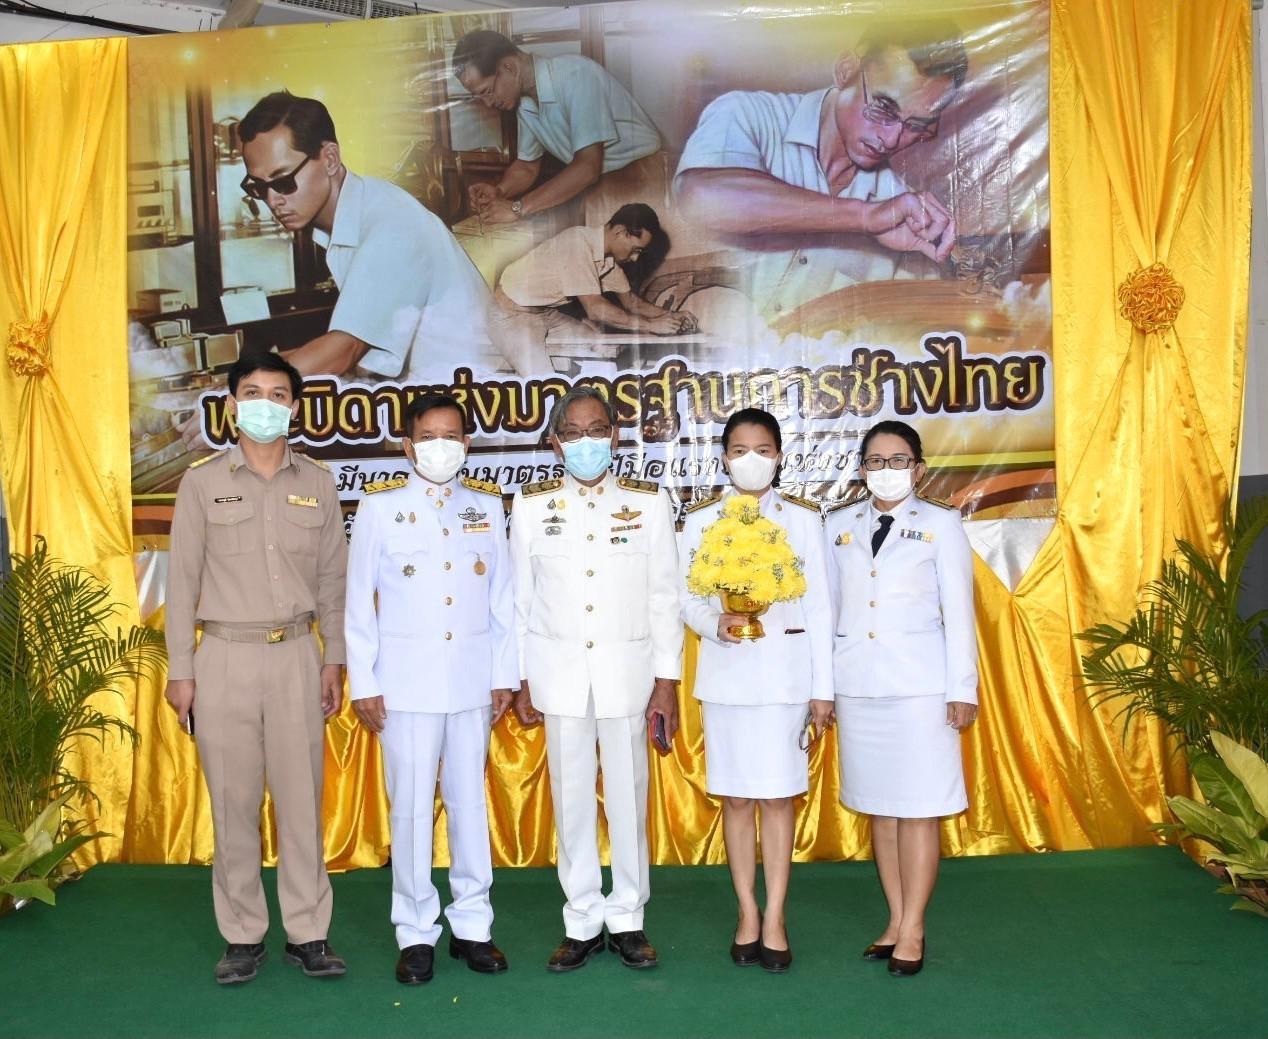 """5 เสือแรงงานจังหวัดศรีสะเกษ ร่วมกิจกรรม """"วันพระบิดาแห่งมาตรฐานการช่างไทย"""""""